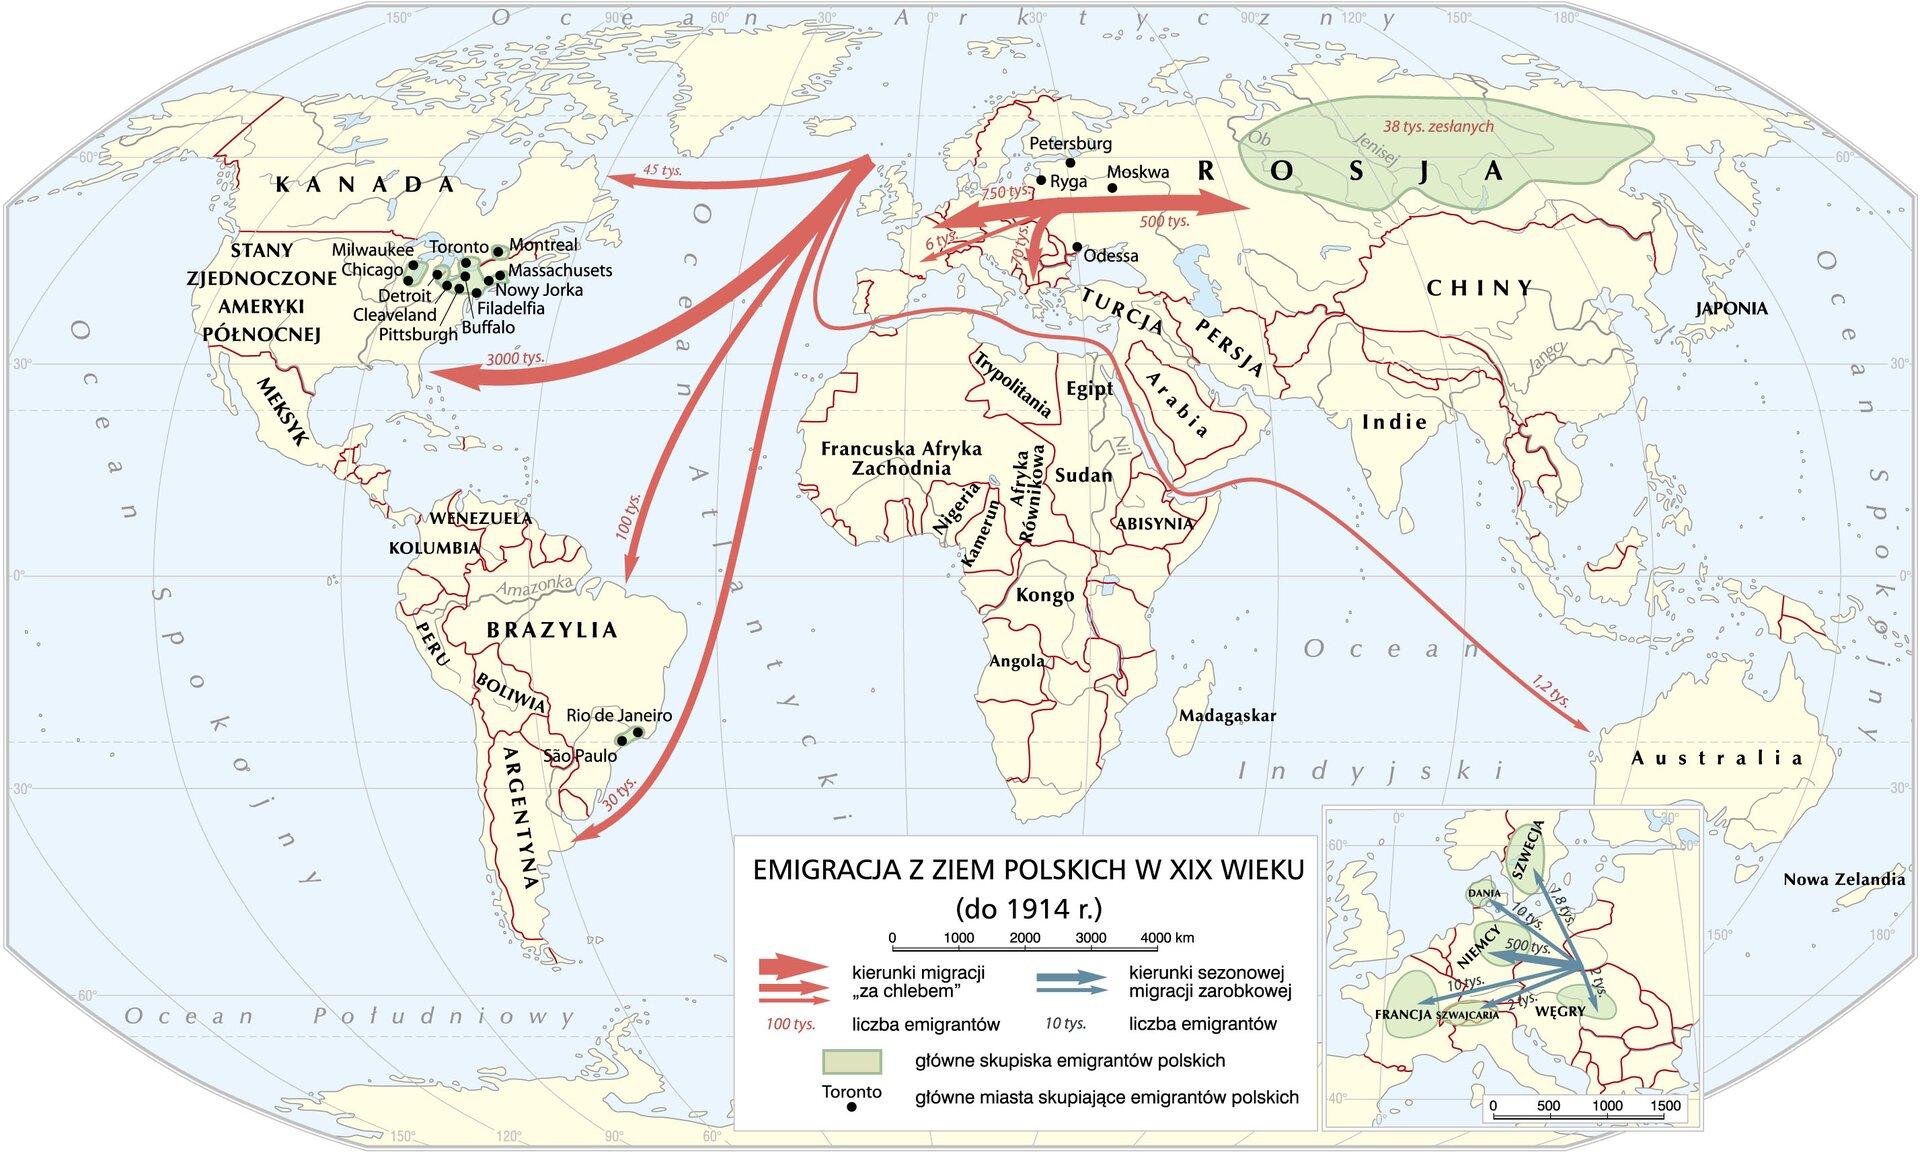 Emigracja zziem polskich wXIX wieku (do 1914 roku) Emigracja zziem polskich wXIX wieku (do 1914 roku) Źródło: Krystian Chariza izespół, licencja: CC BY 3.0.